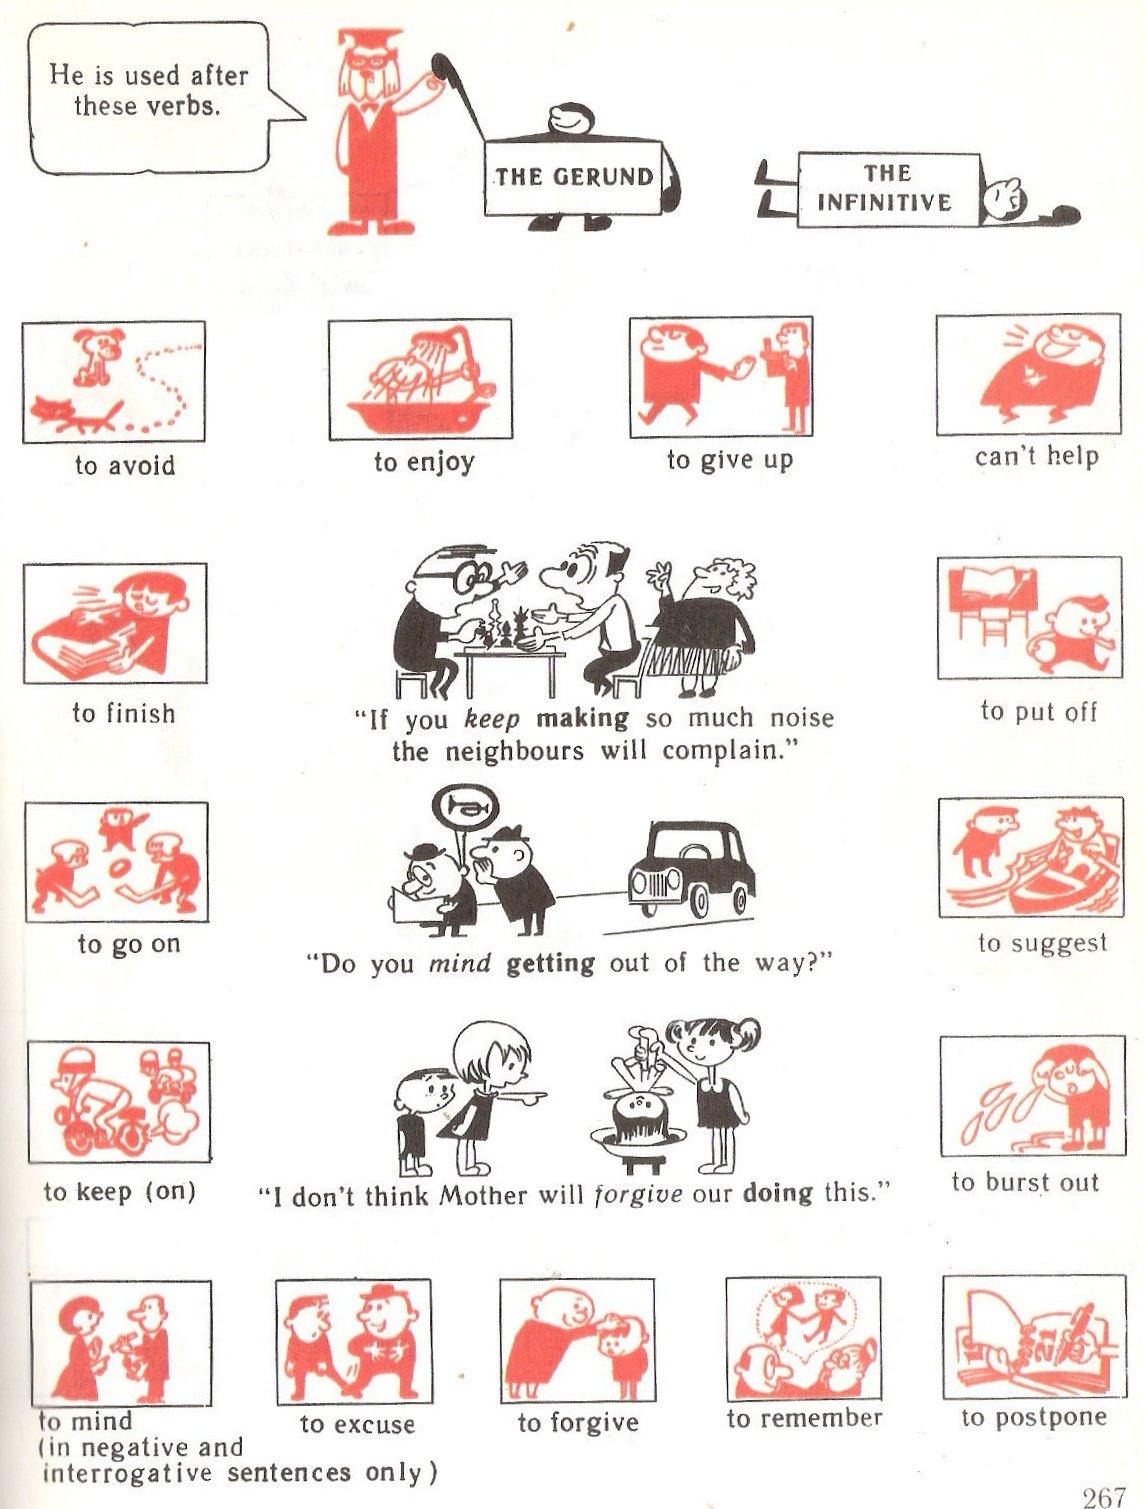 gerund-after-verbs